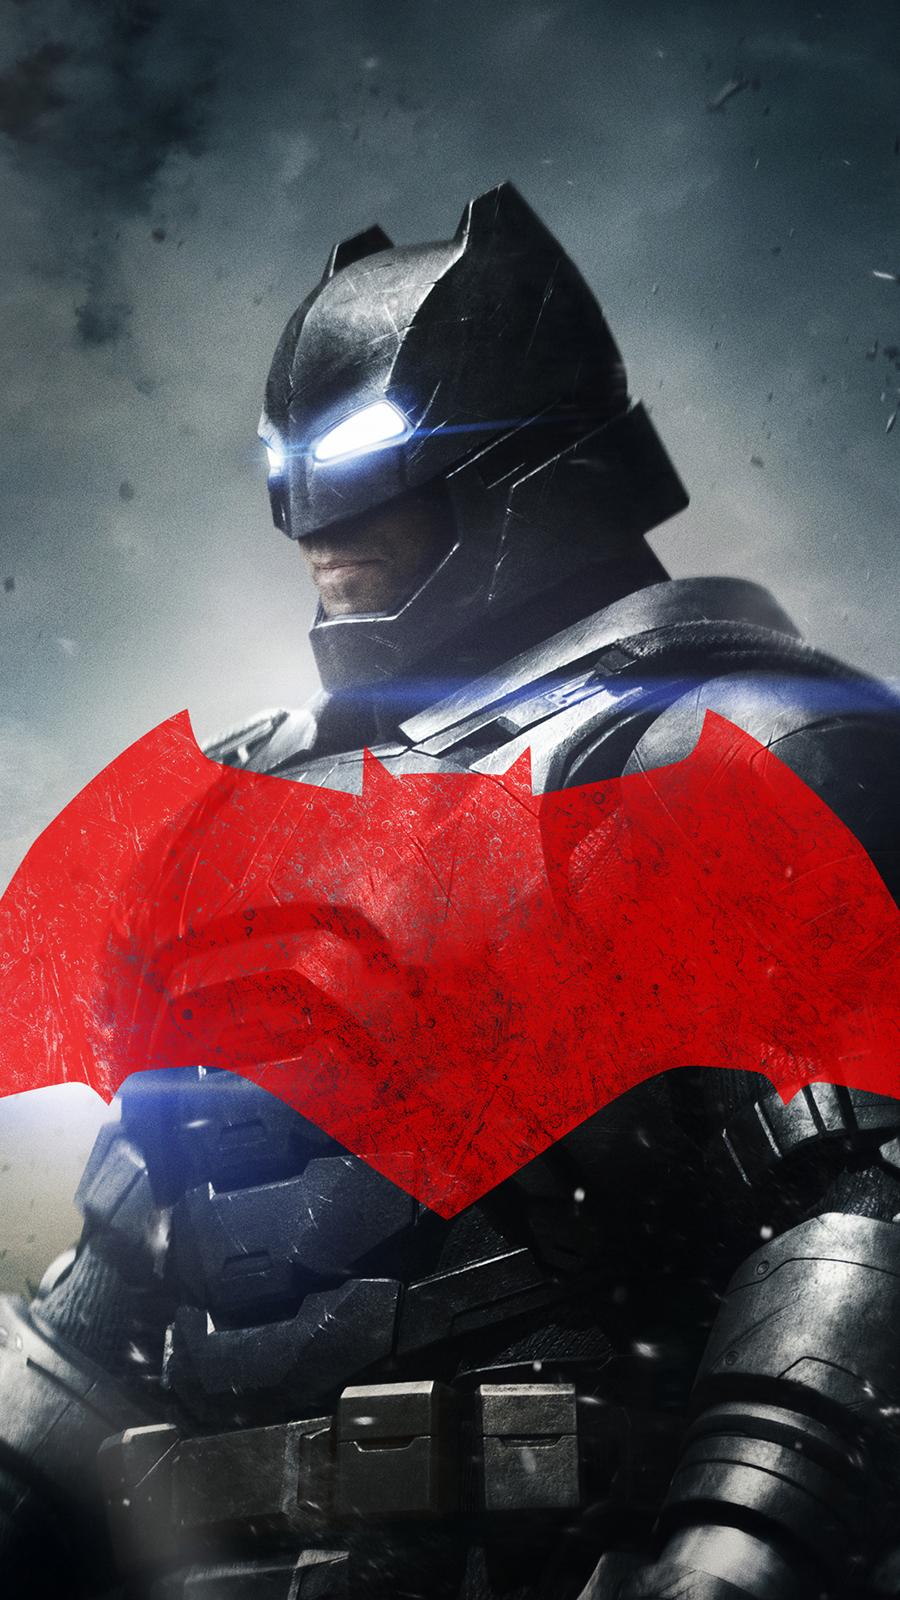 Batman vs Superman Ben Affleck Wallpapers Free Download